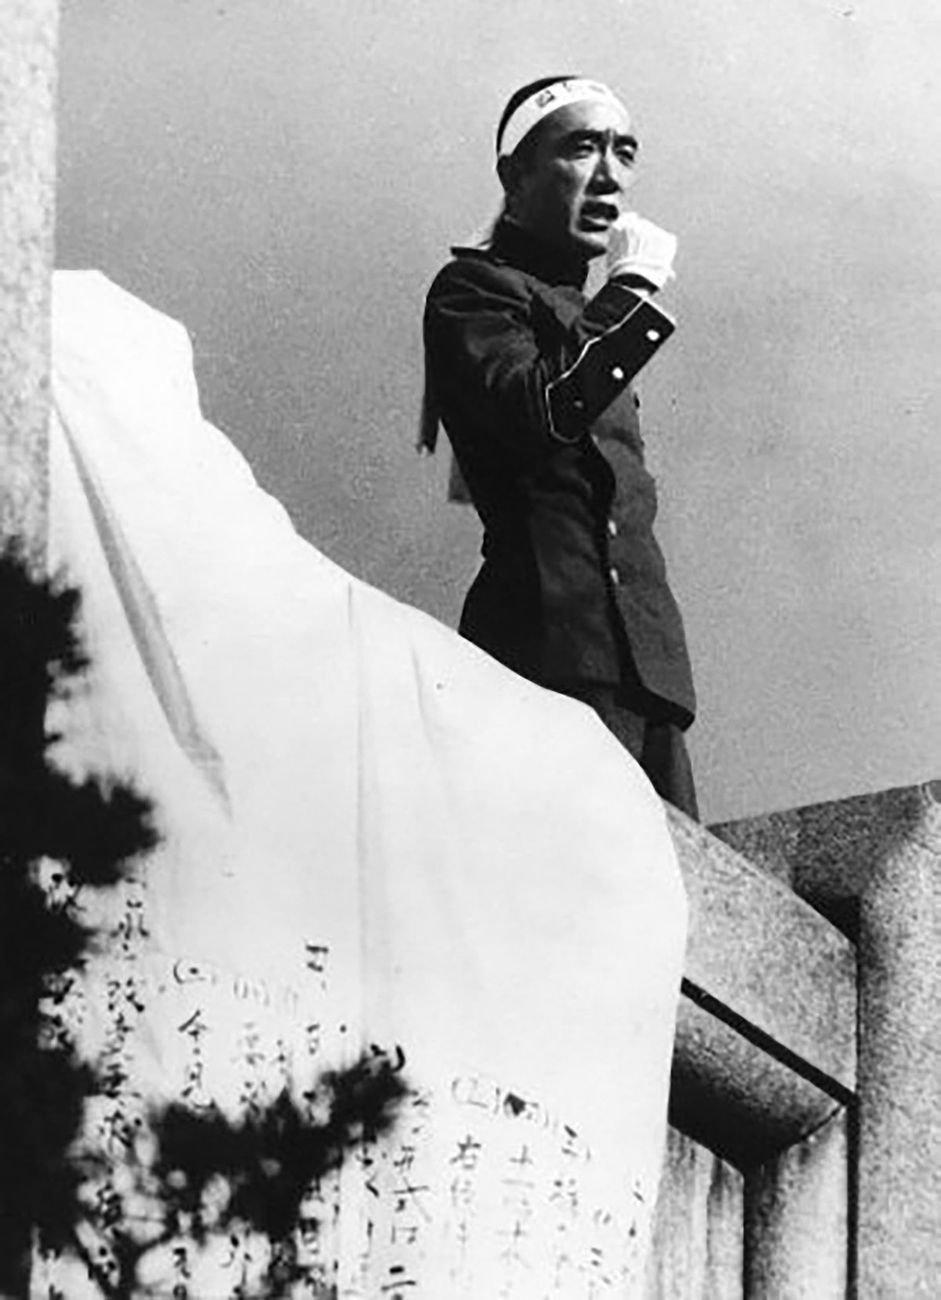 25 novembre1970. Mishima arringa i membri del Takenokai e i miltari poco prima di suicidarsi